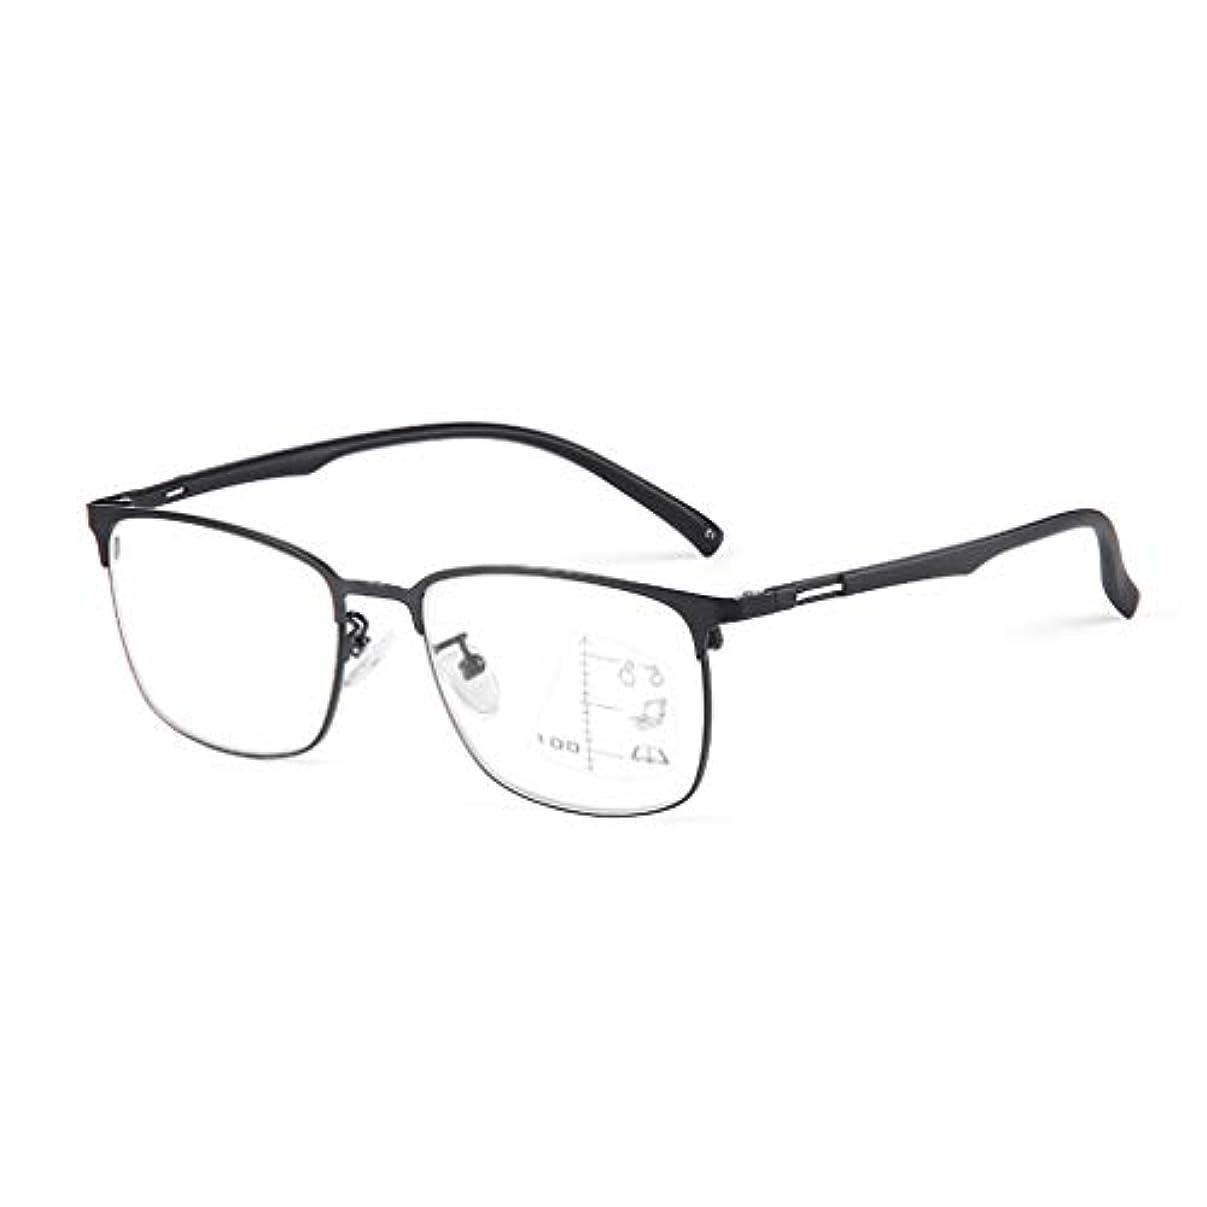 インテリジェントなマルチフォーカス老眼鏡、高解像度アンチブルーゴーグル、近距離および遠距離用の疲労防止メガネ、快適な着用のための超軽量素材